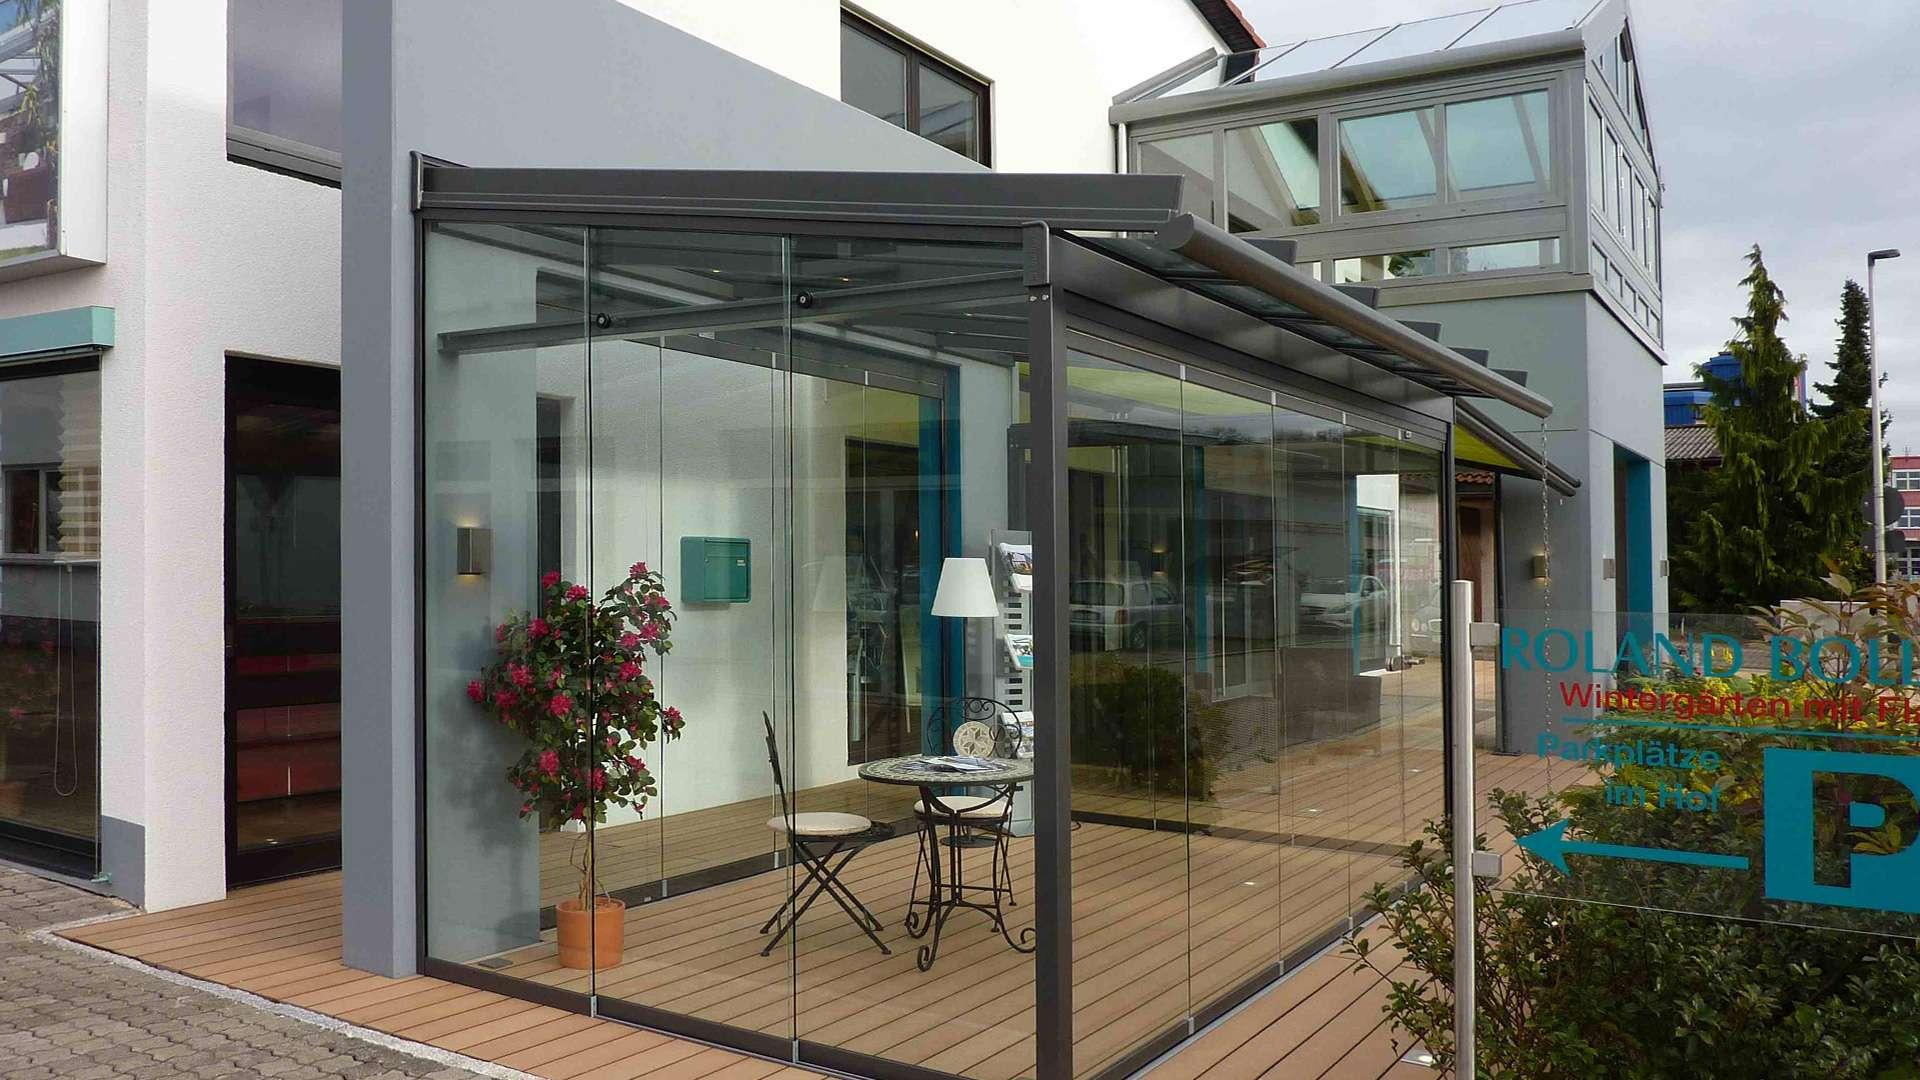 Glashaus in der Außenausstellung von Boller in Binzen